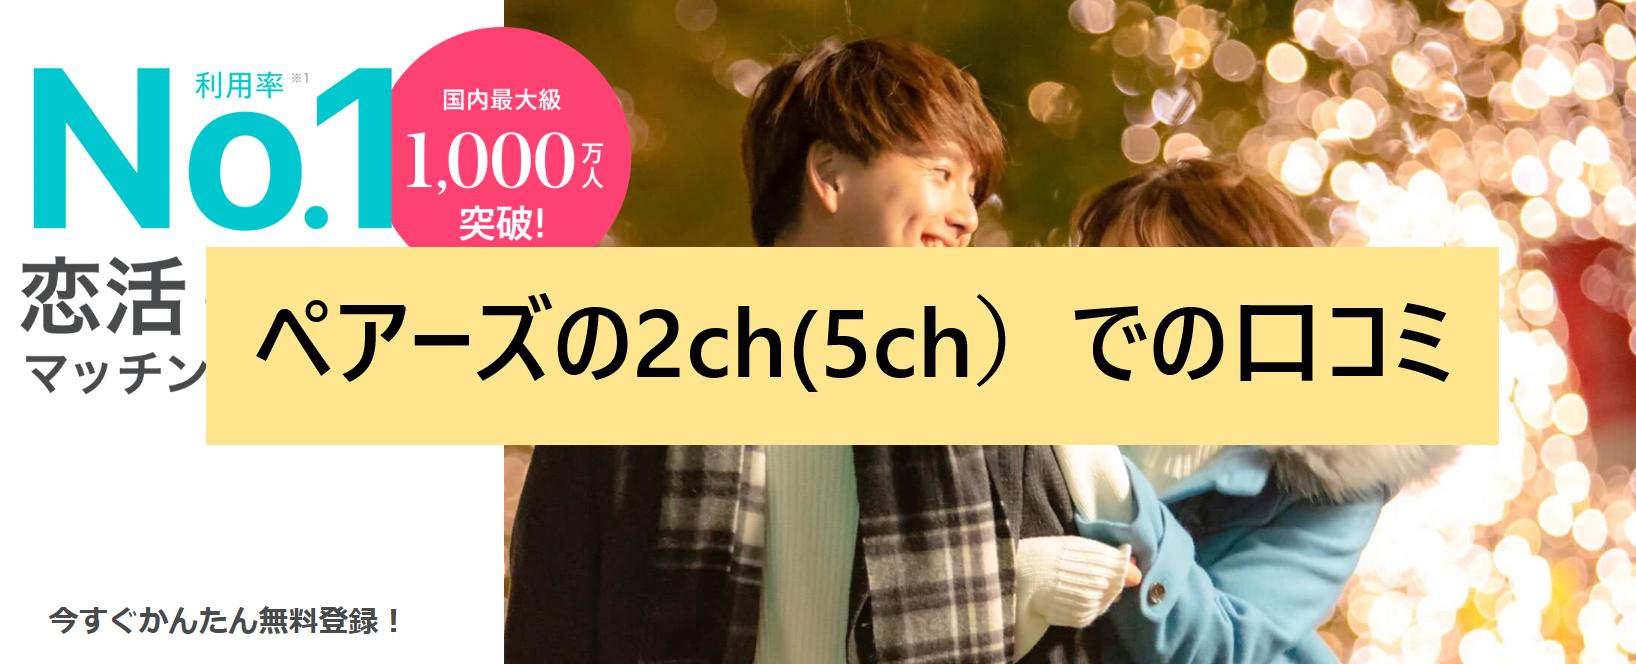 ペアーズの2ch(5ch)